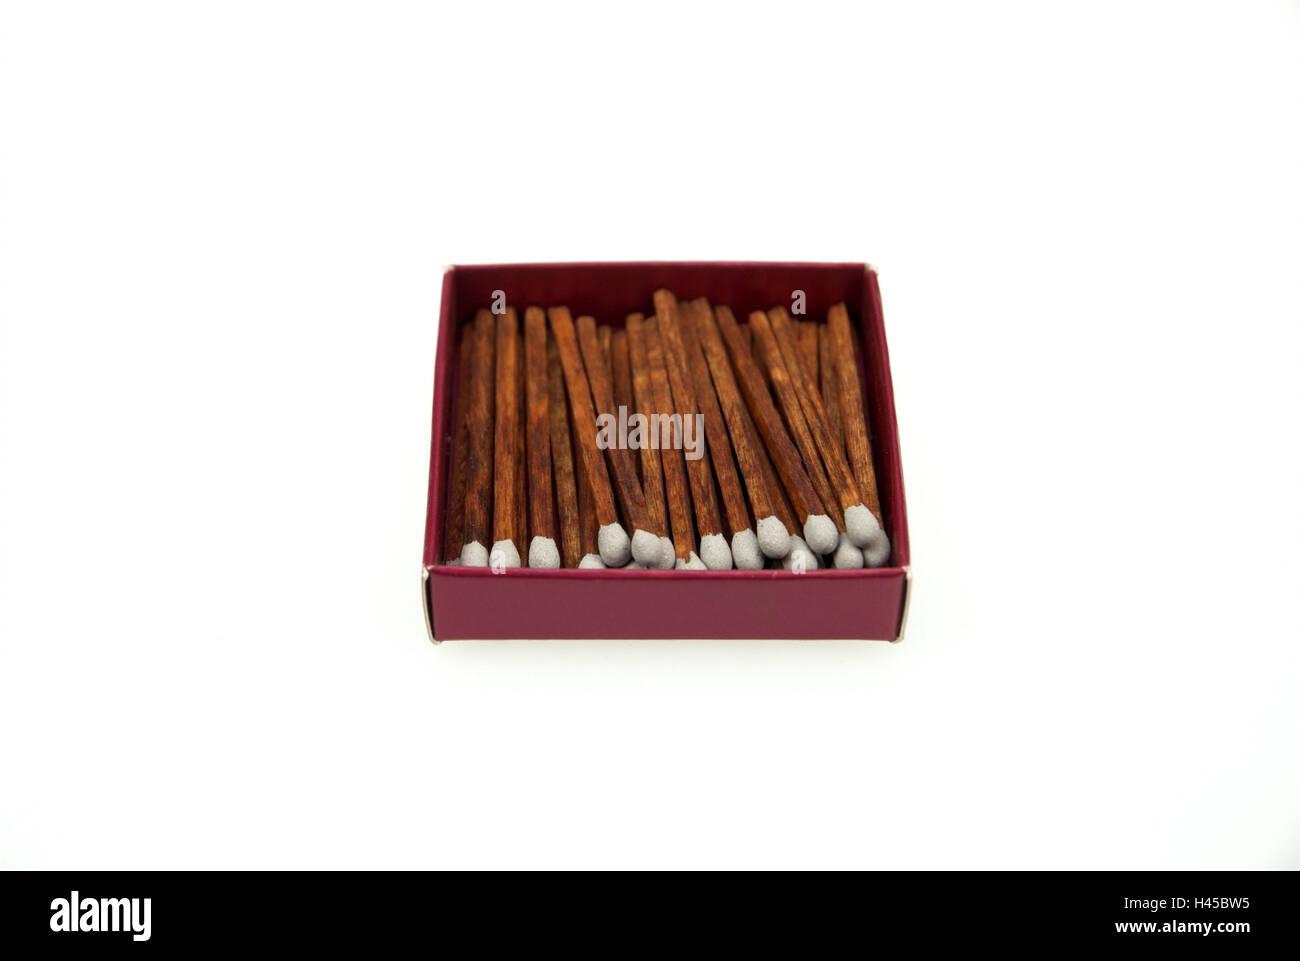 Match box, matches, - Stock Image